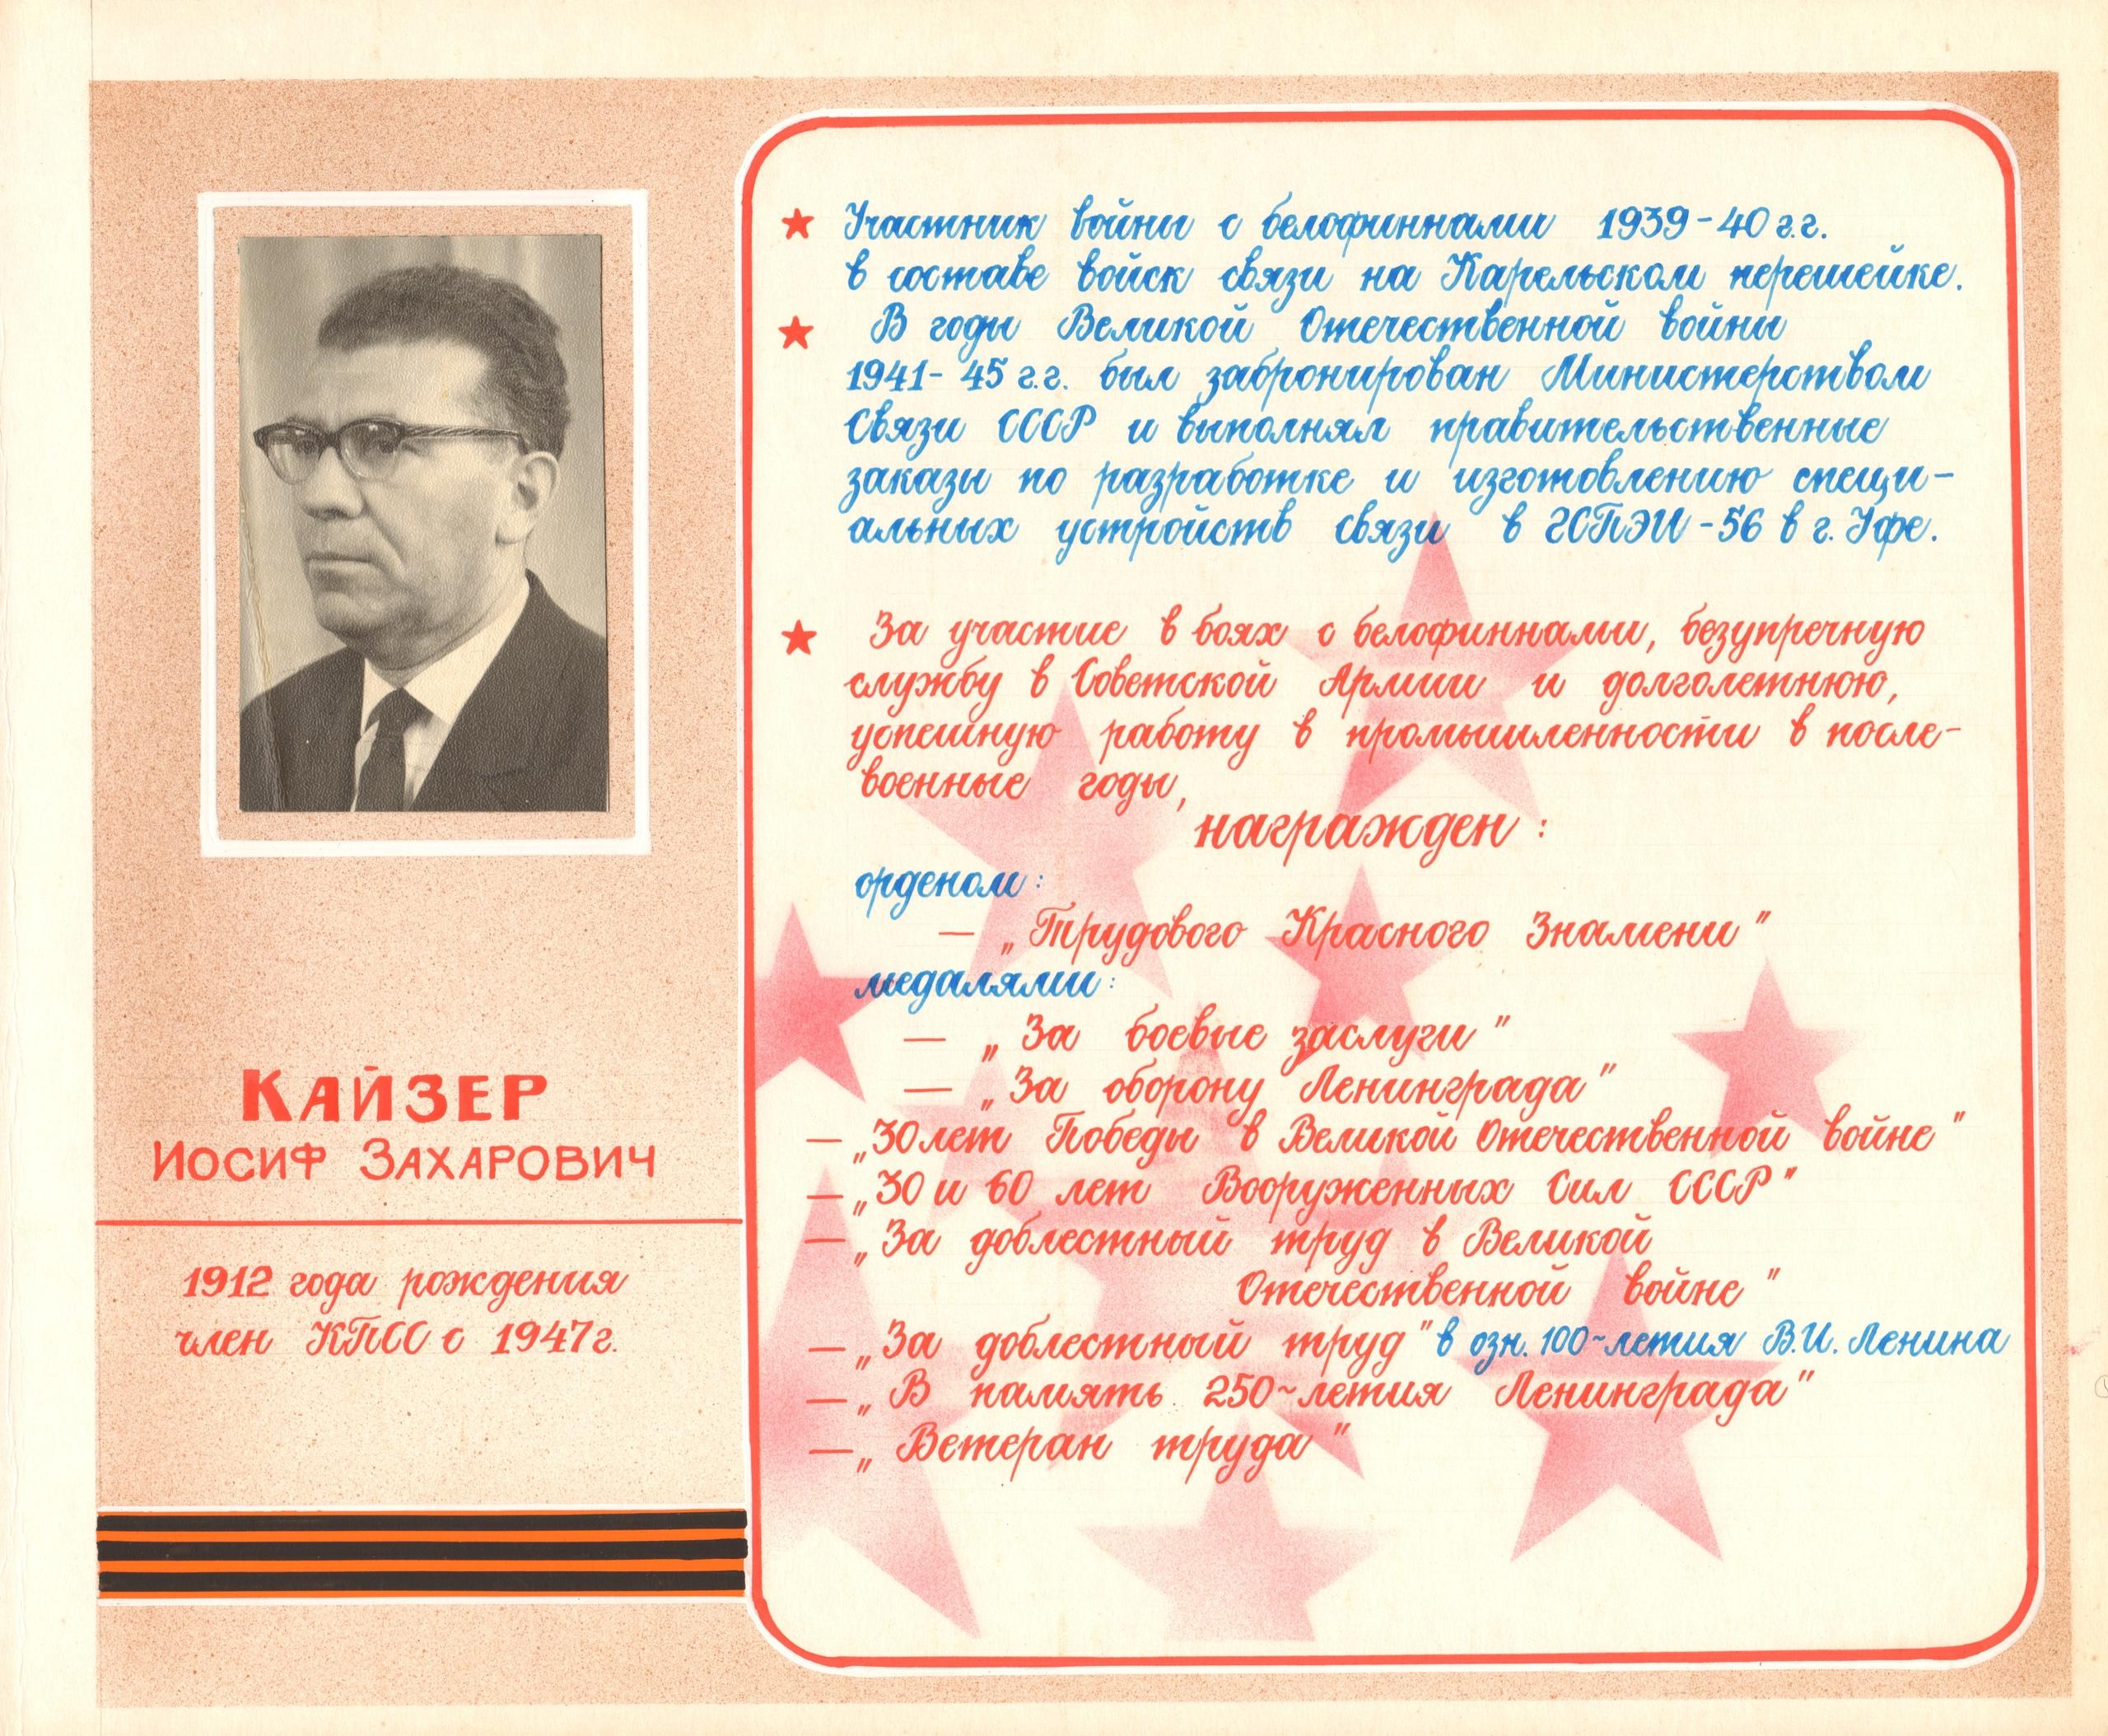 Кайзер Иосиф Захарович